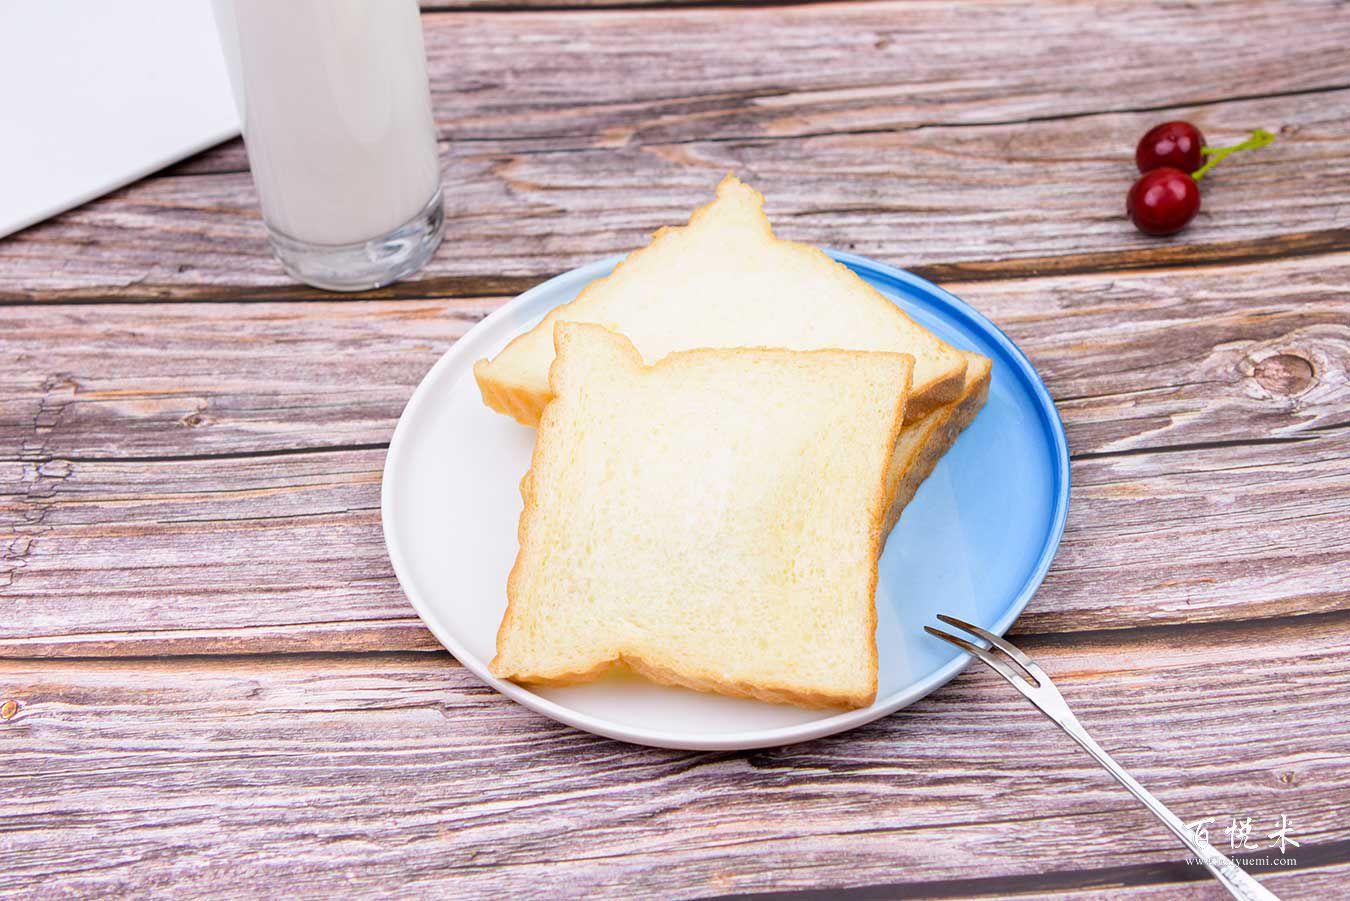 原味吐司面包高清图片大全【蛋糕图片】_331